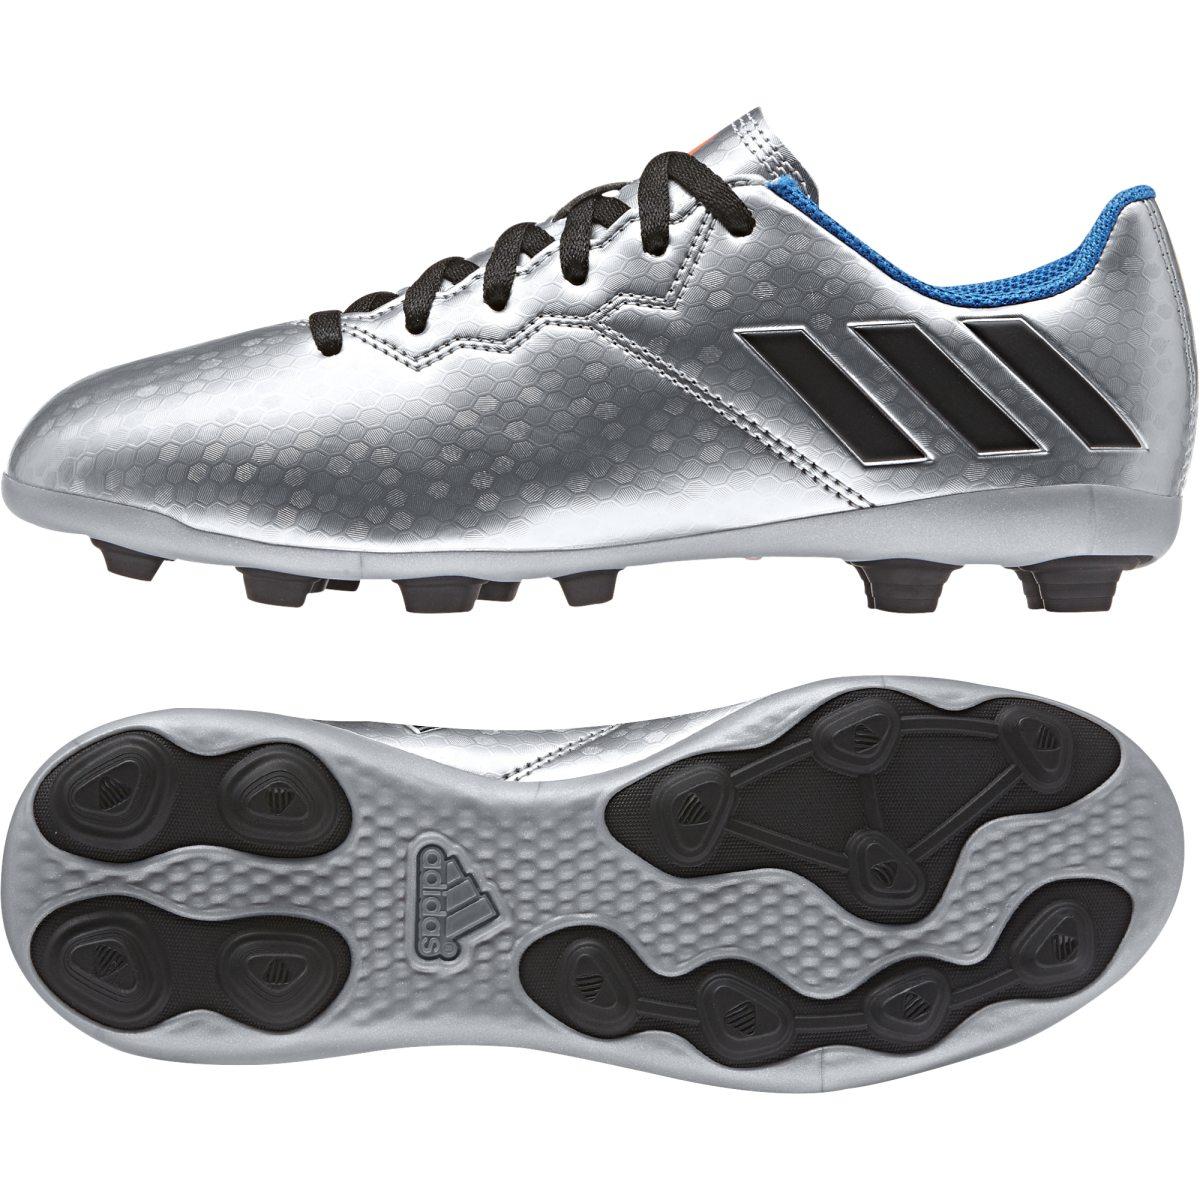 timeless design 11a9e ab399 adidas messi16.4 fxg ec fotbollssko junior fotbollsskor